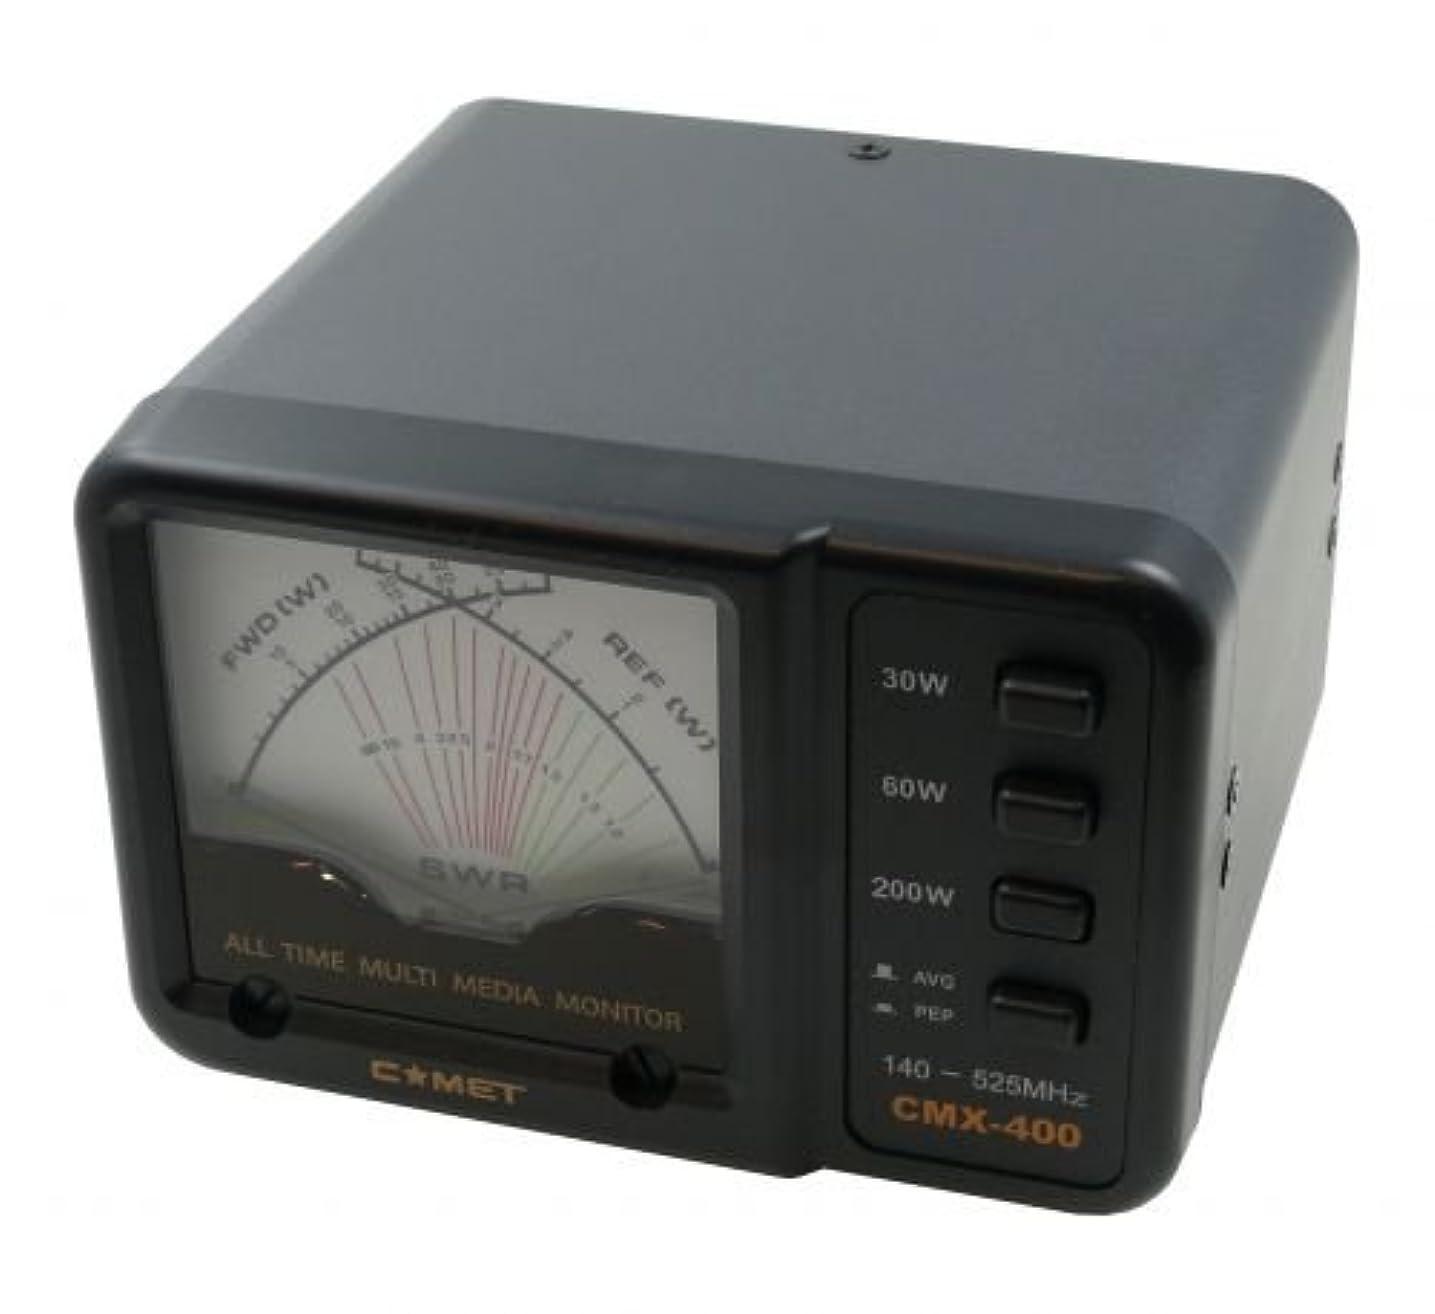 望み過度にペレットパワー V.S.W.Rメーター VBESTLIFE アンテナアナライザー メーター 手持ち 最大100W 125MH?525MHz